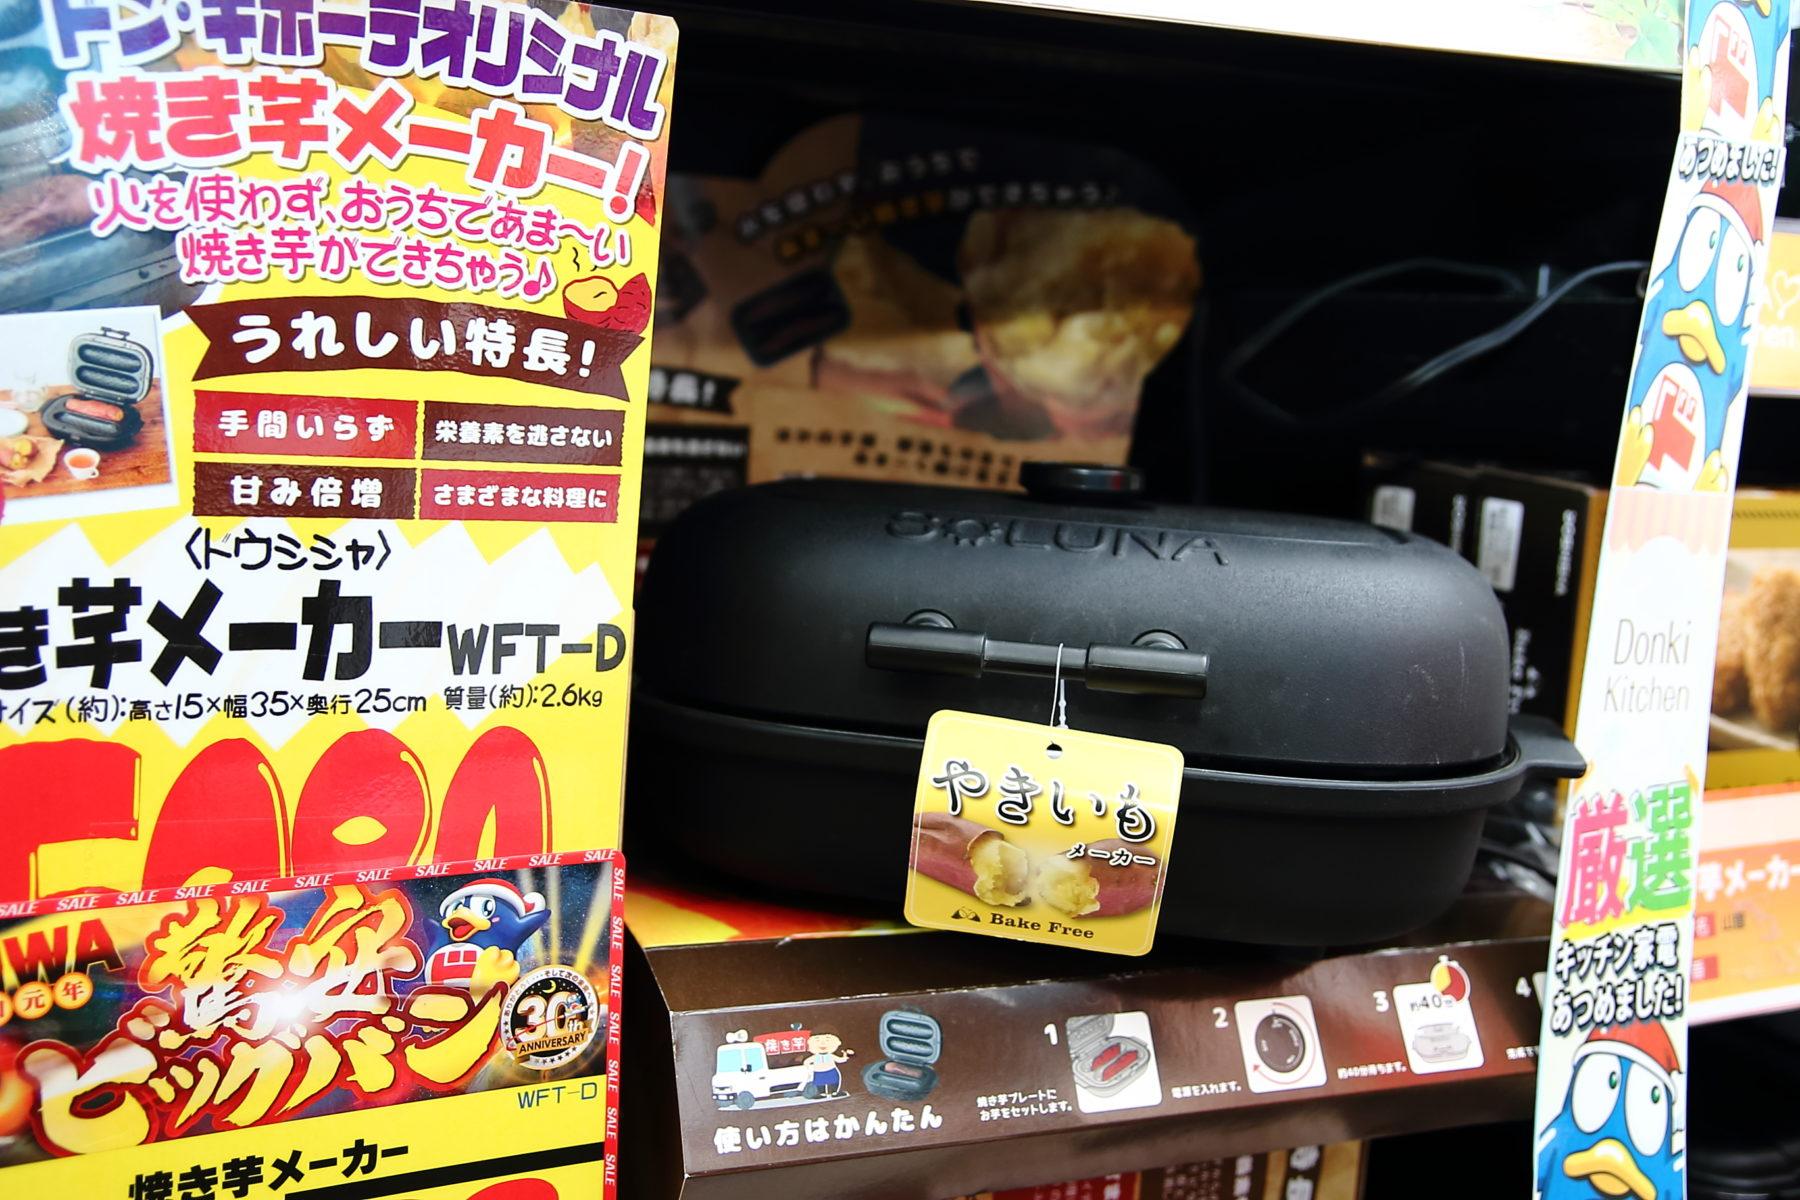 焼き芋メーカーWFT-D